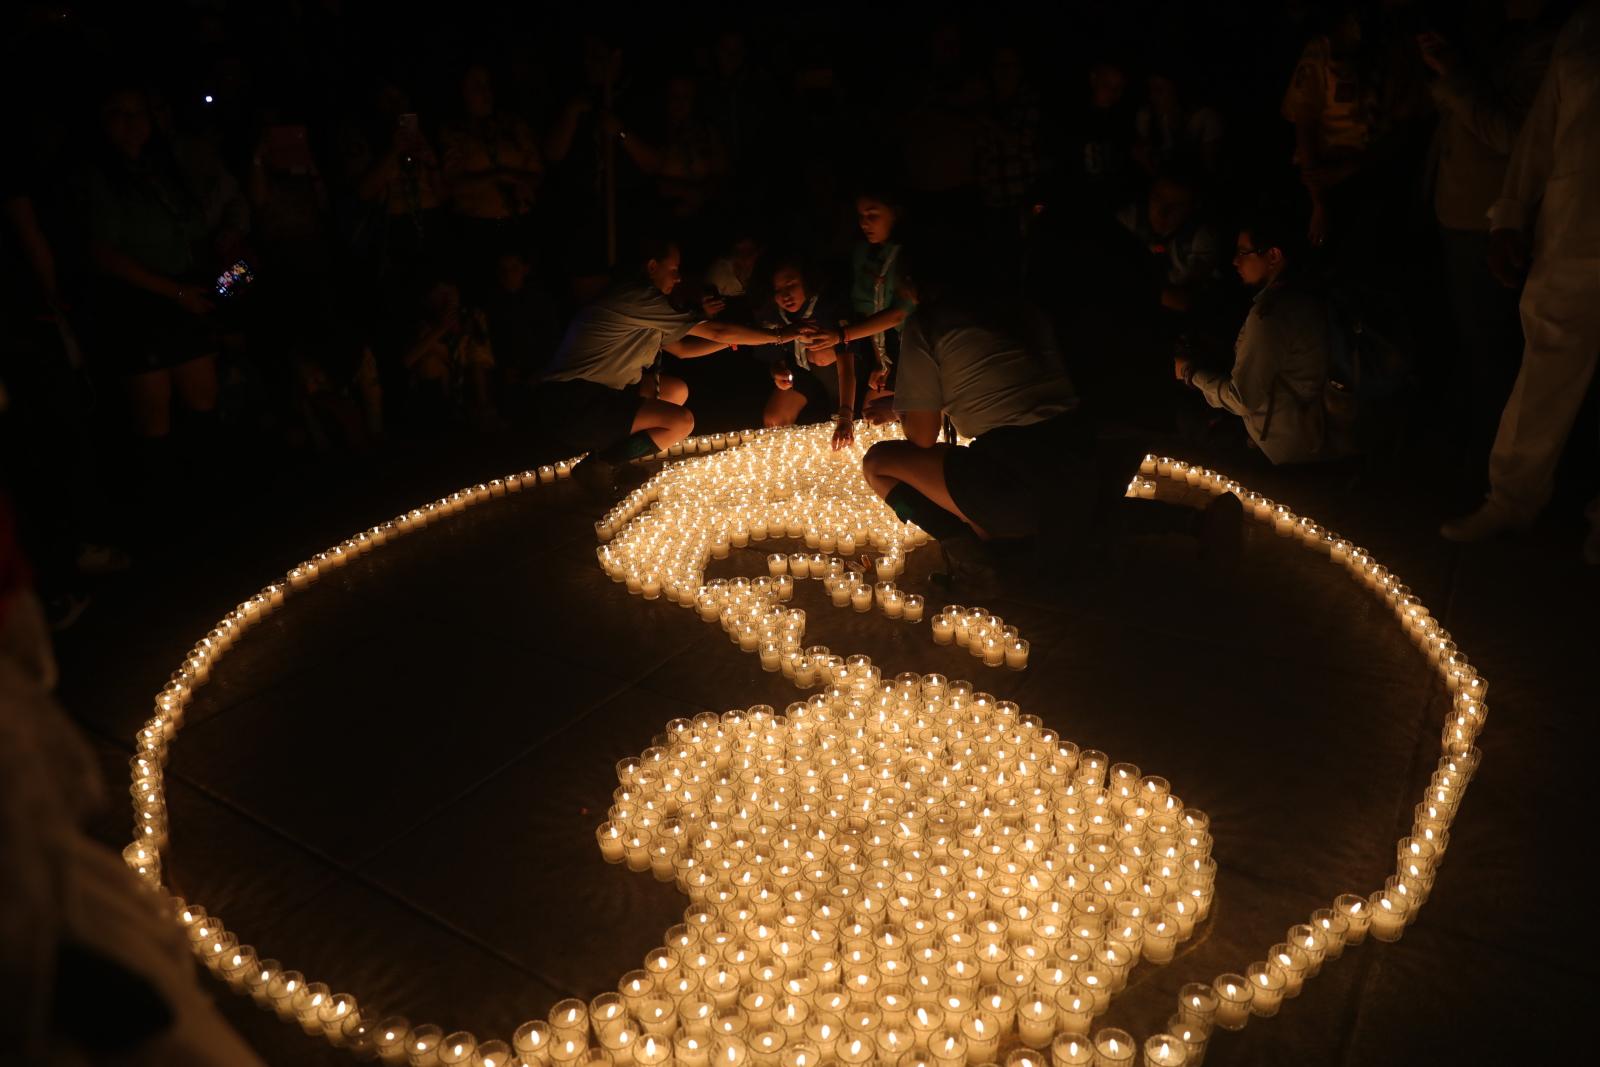 Godzina dla Ziemi w Meksyku. Fot. PAP/EPA/SASHENKA GUTIERREZ